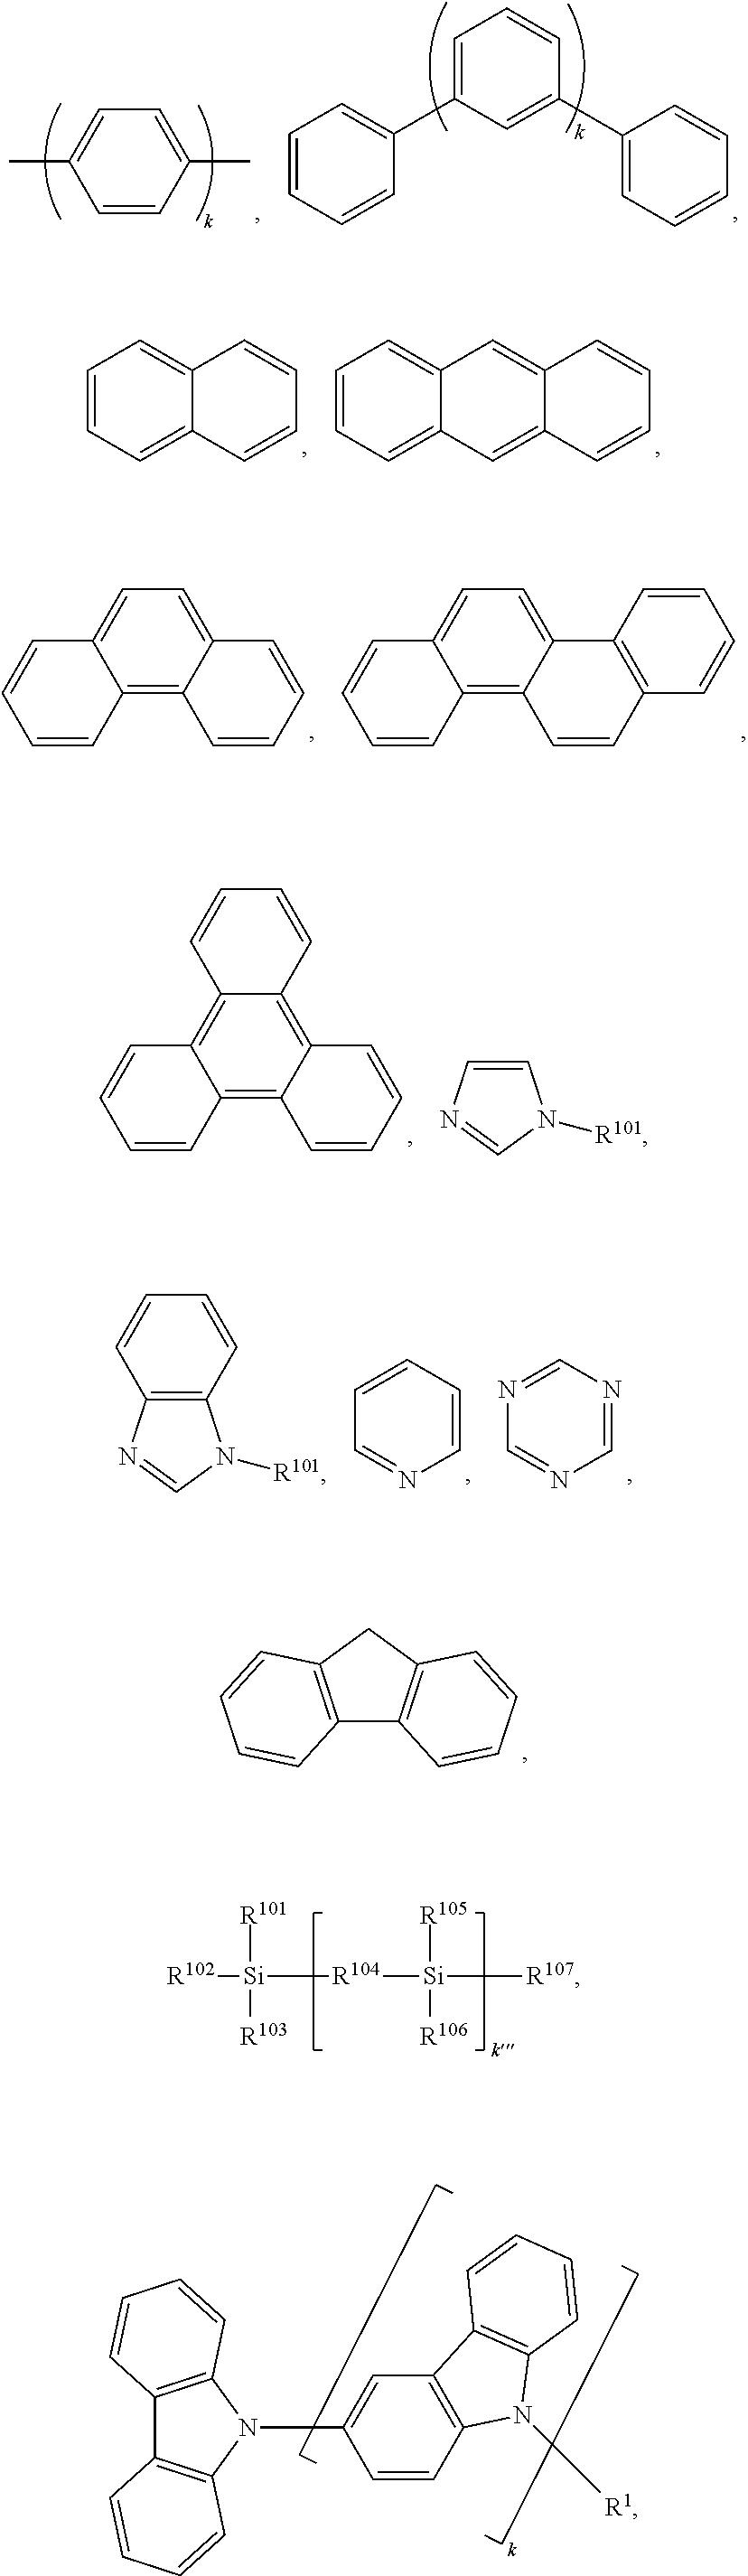 Figure US09871214-20180116-C00070